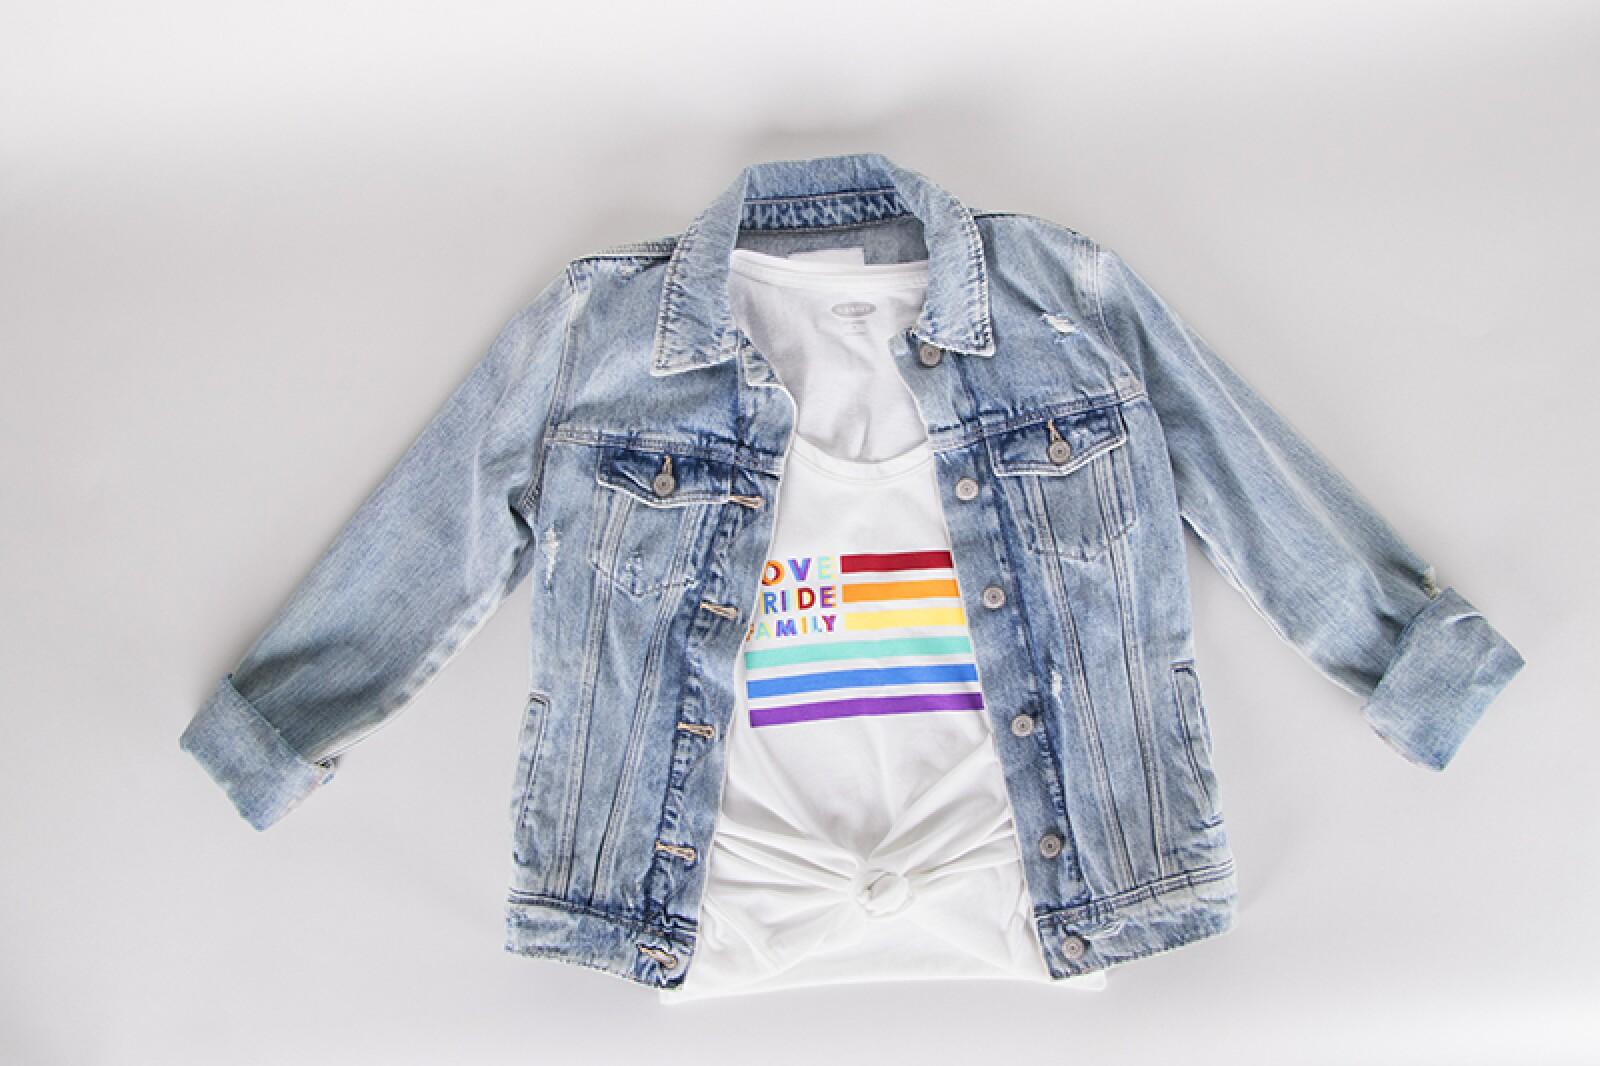 moda-pride-old-navy-2